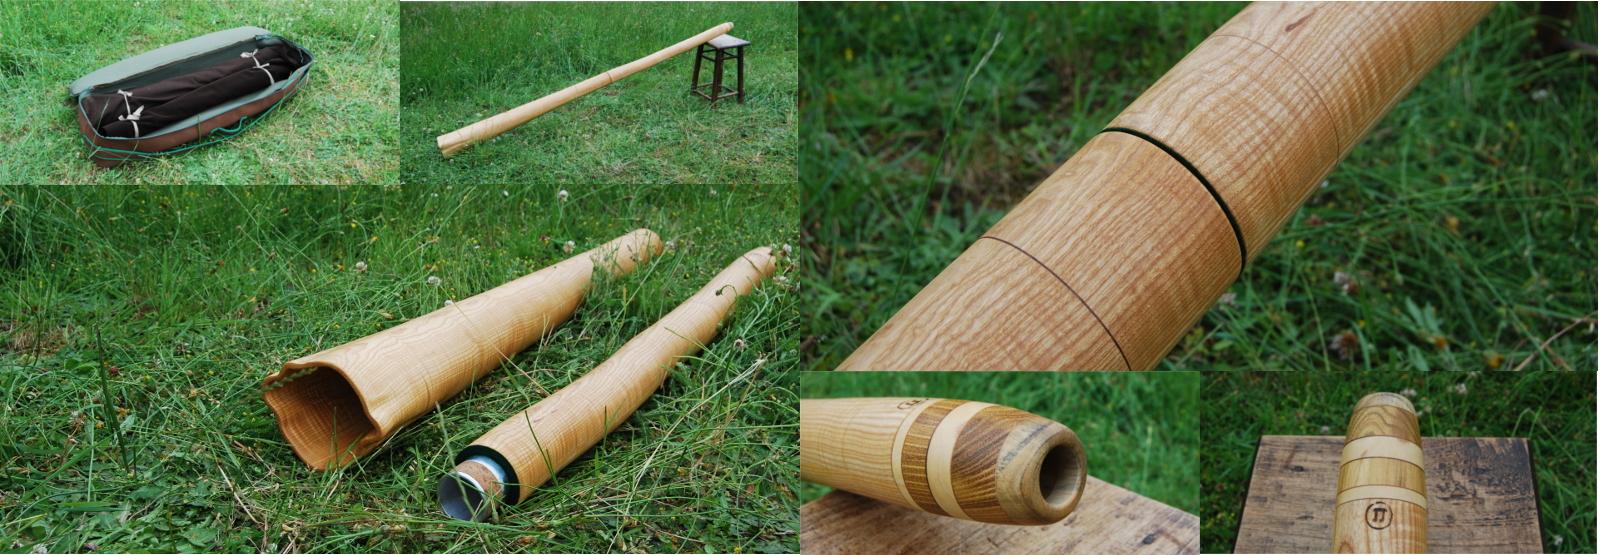 Pivert Didgeridoos_101